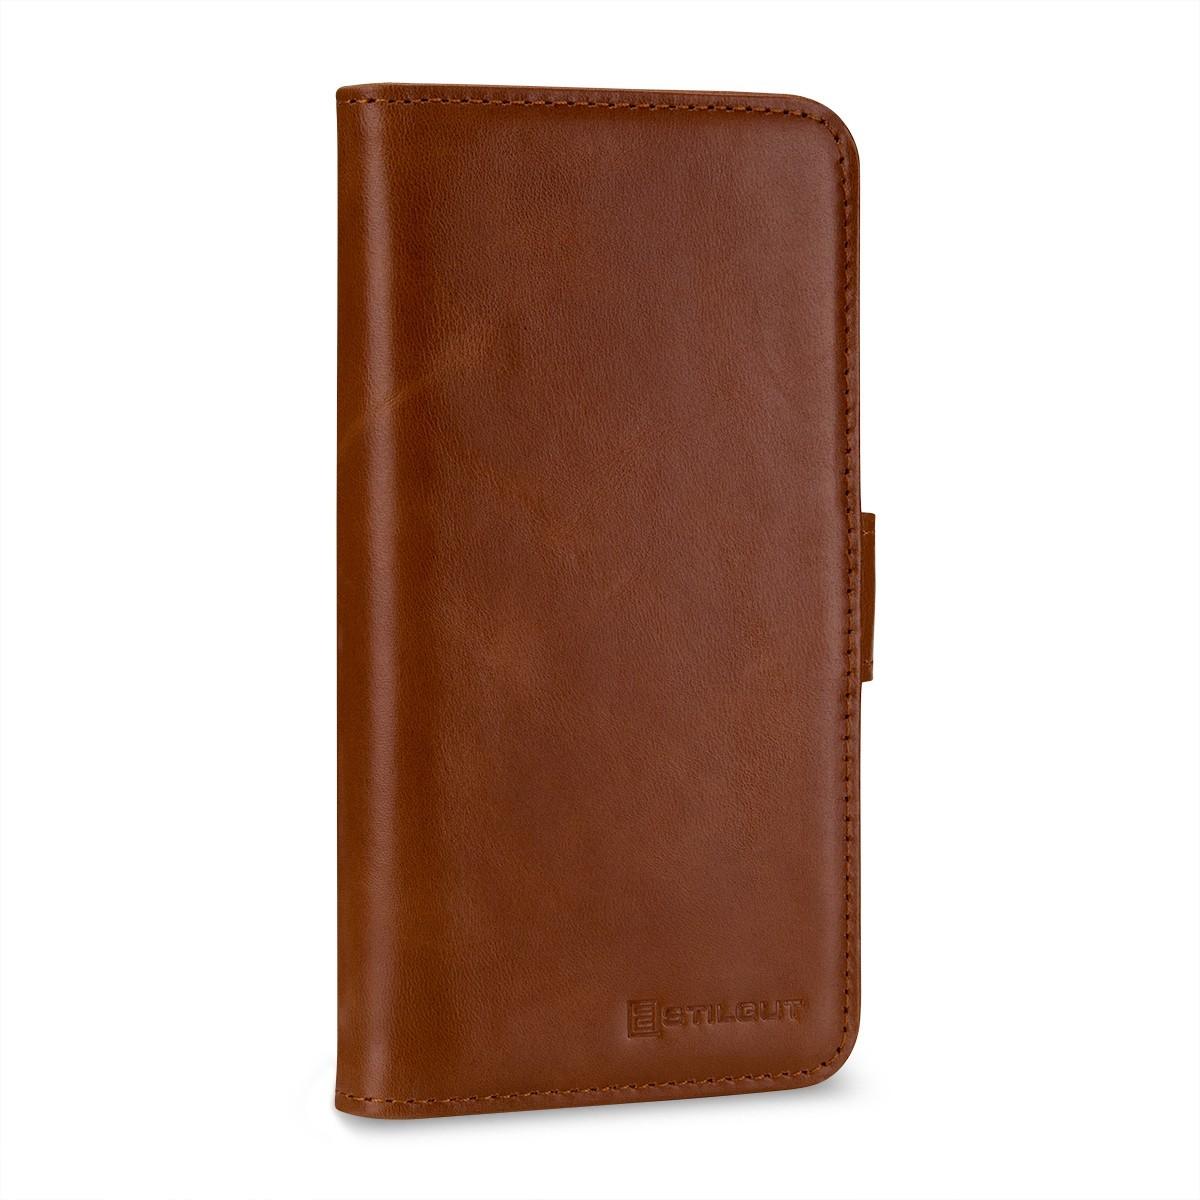 Etui iPhone X Porte-cartes cognac en cuir véritable - Stilgut